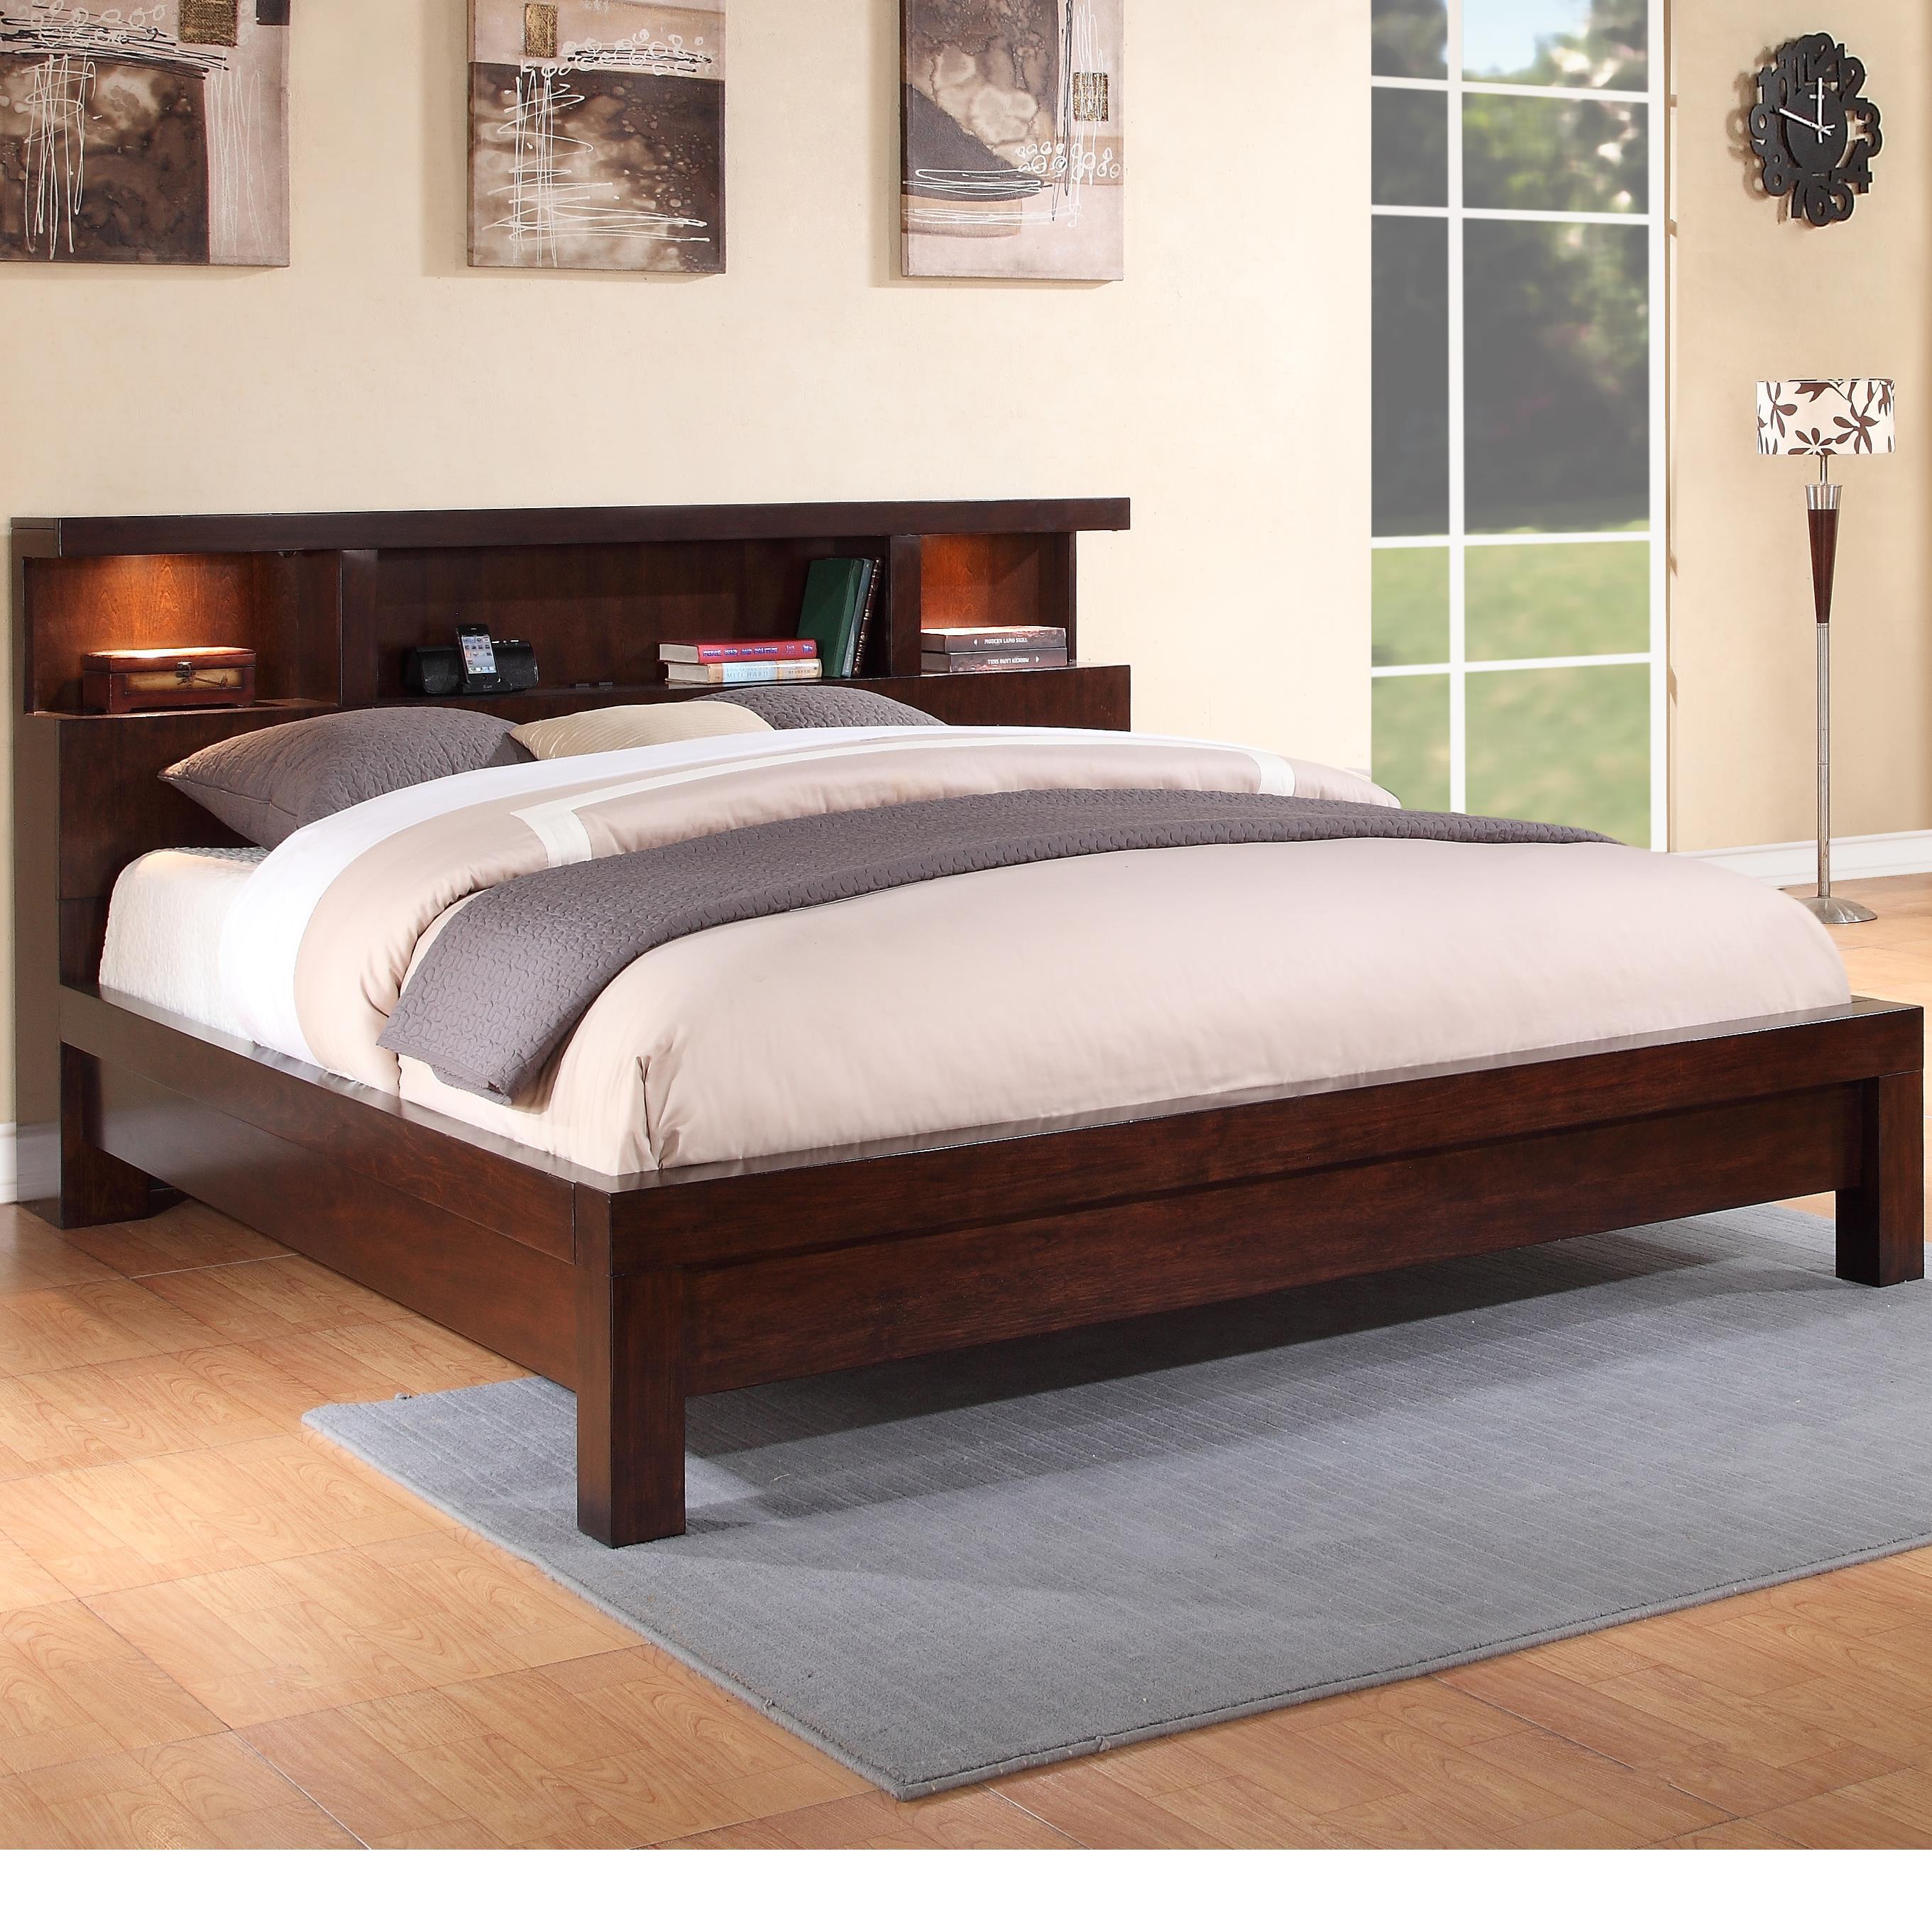 Legends Furniture Novella Cal King Bed - Item Number: ZNOV-7004+7005+7011